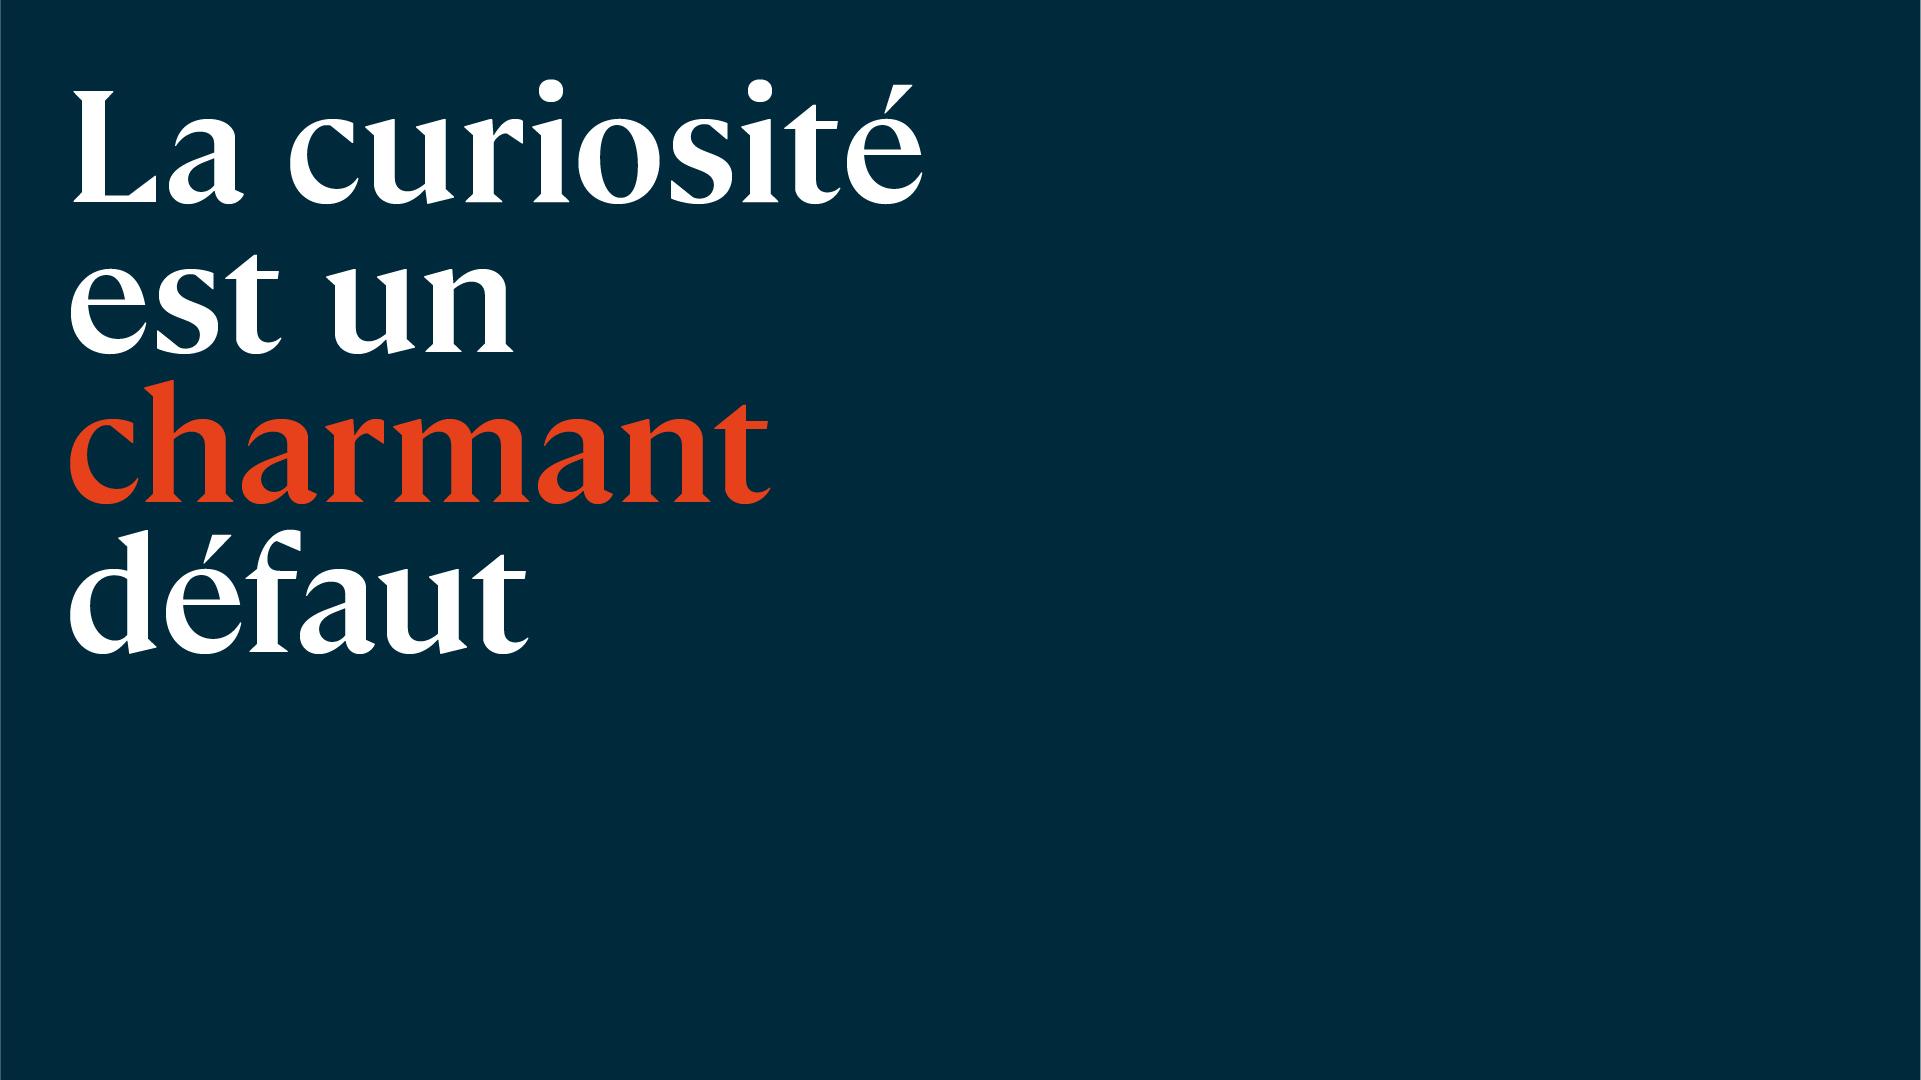 La curiosité est un charmant défaut